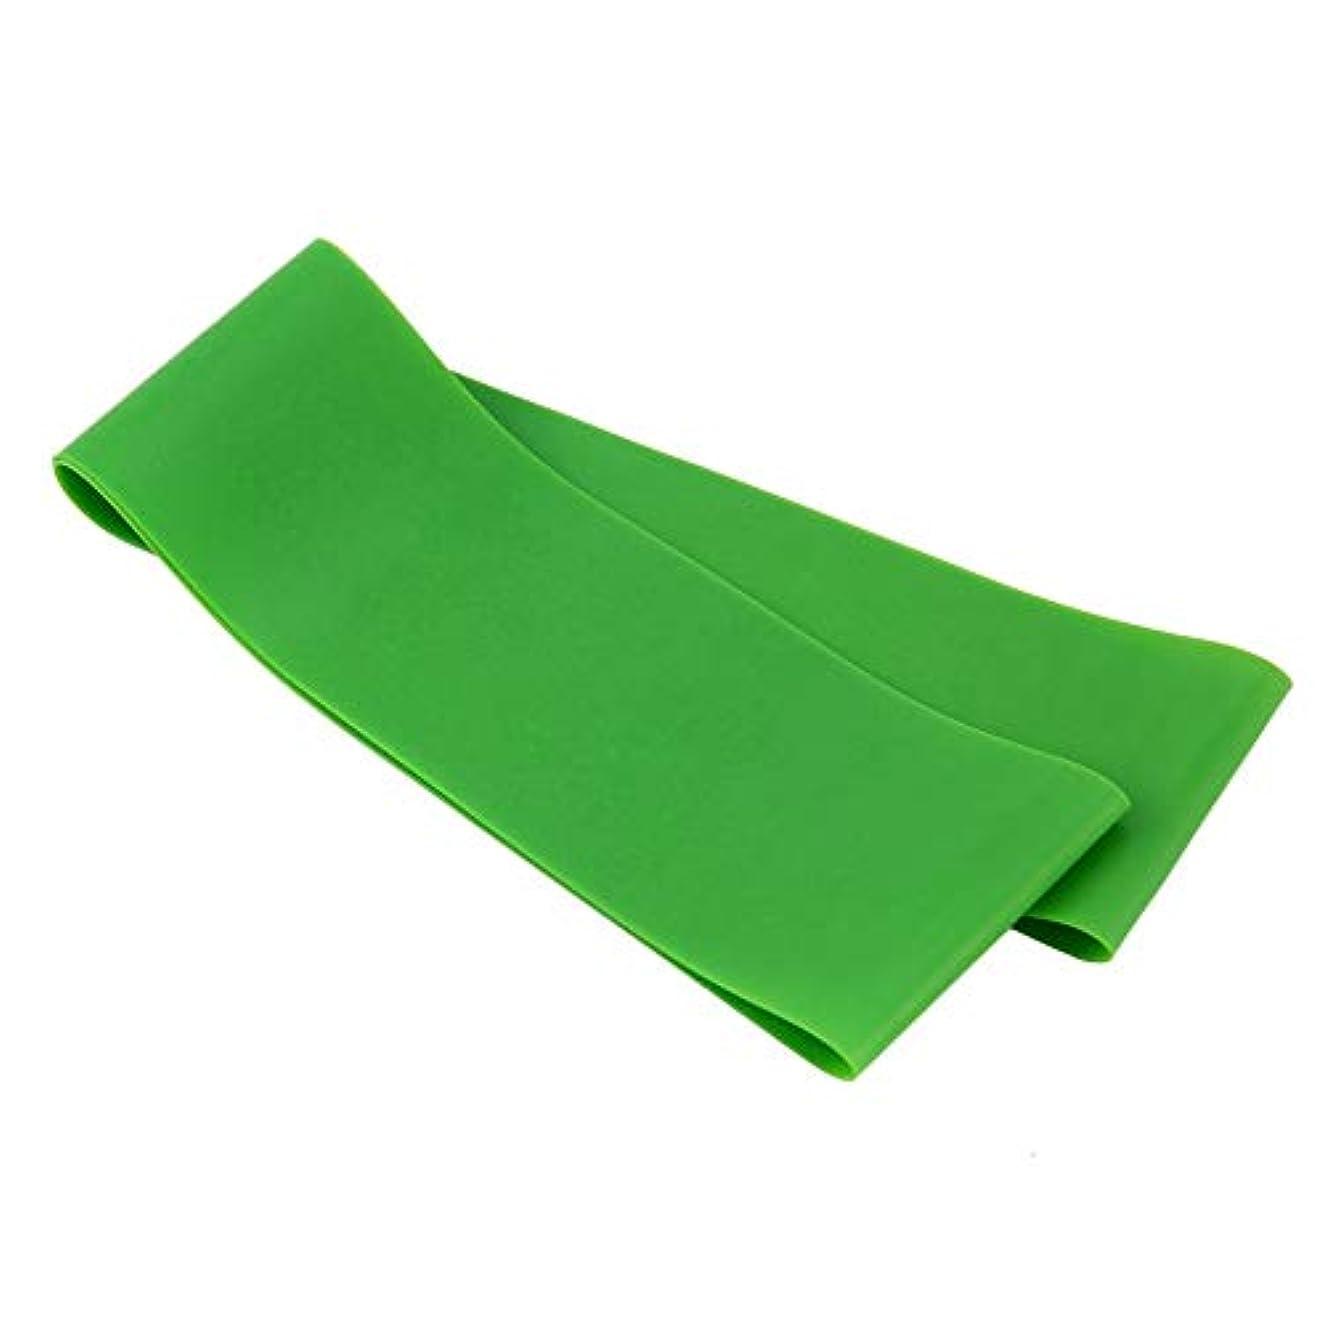 傾いた体細胞申し込む滑り止め伸縮性ゴム弾性ヨガベルトバンドプルロープ張力抵抗バンドループ強度のためのフィットネスヨガツール - グリーン